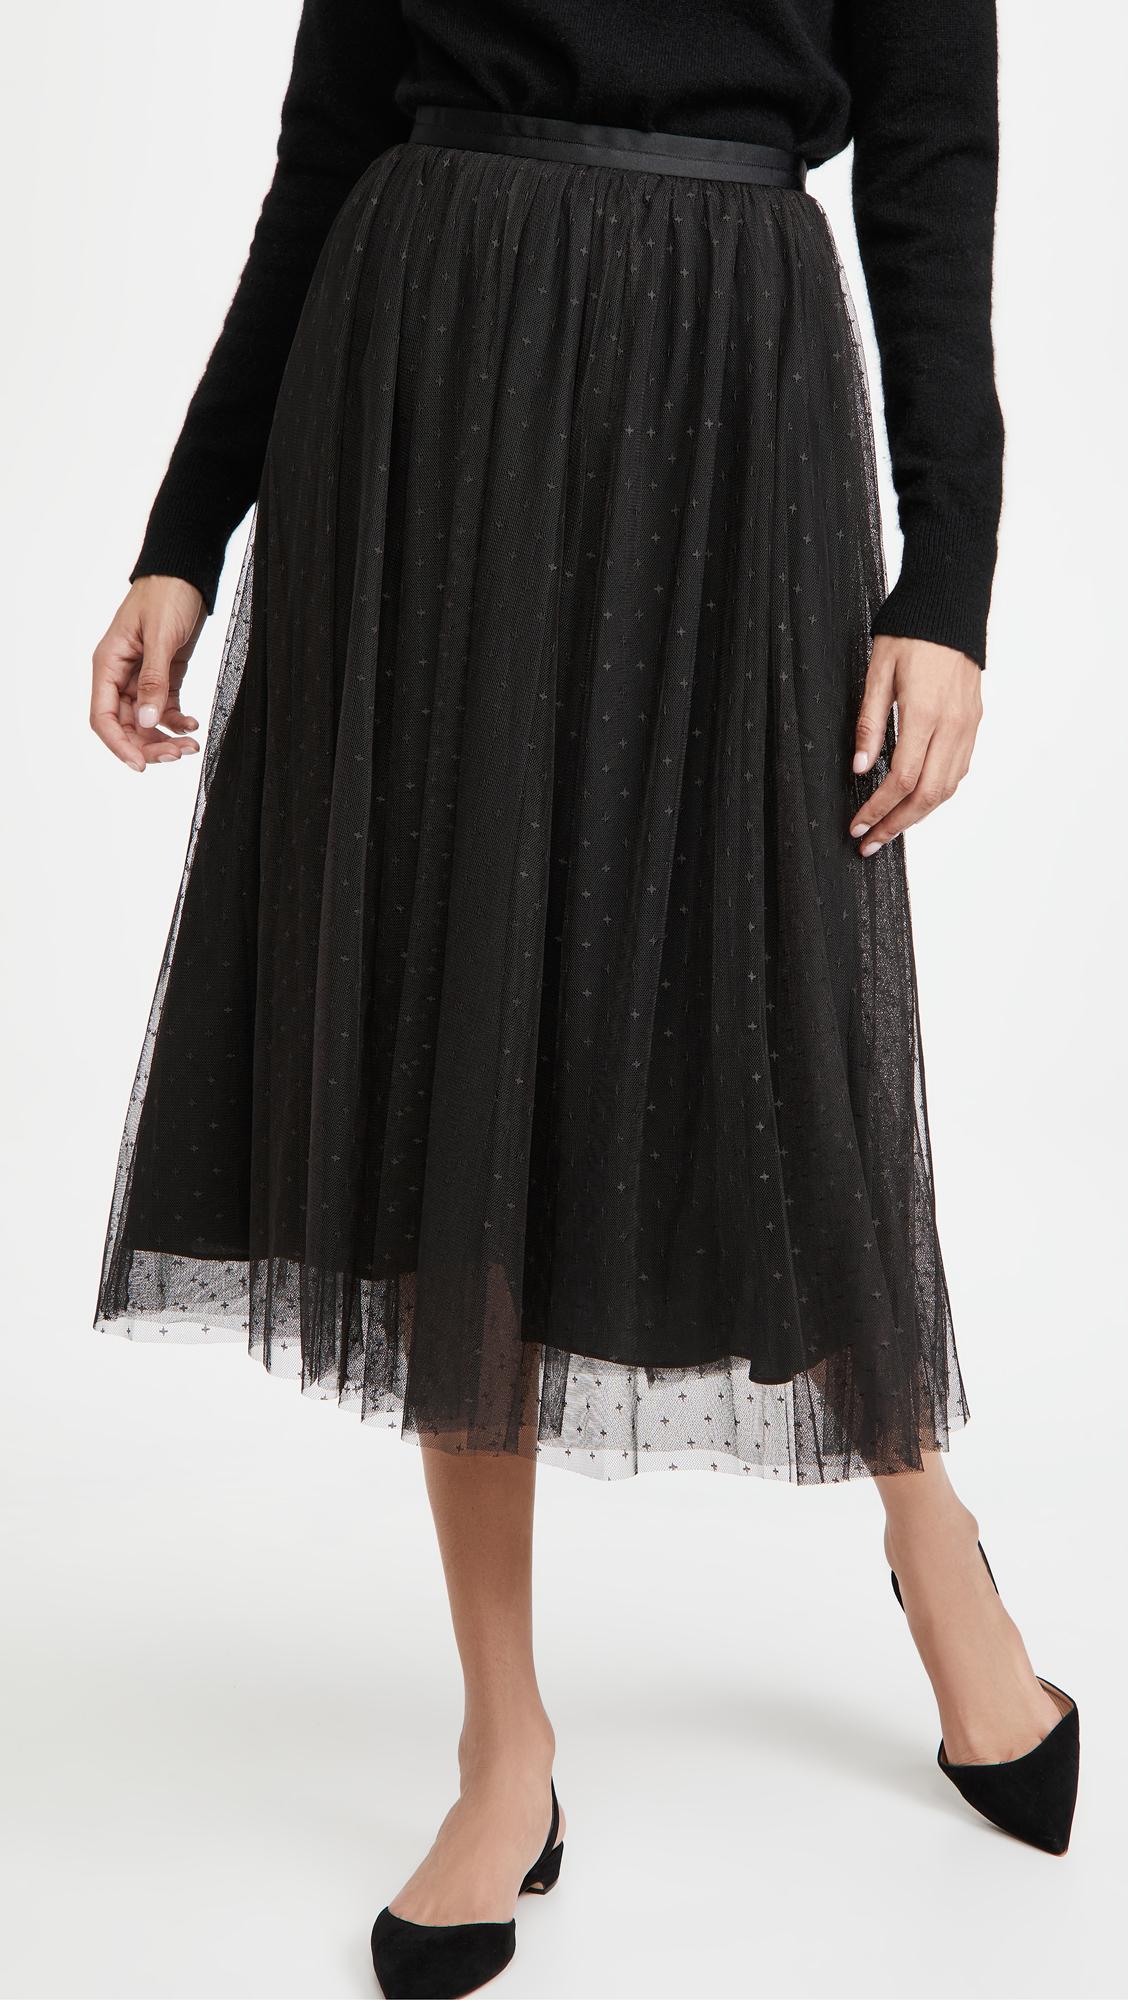 Needle & Thread Kisses Tulle Ballerina Skirt